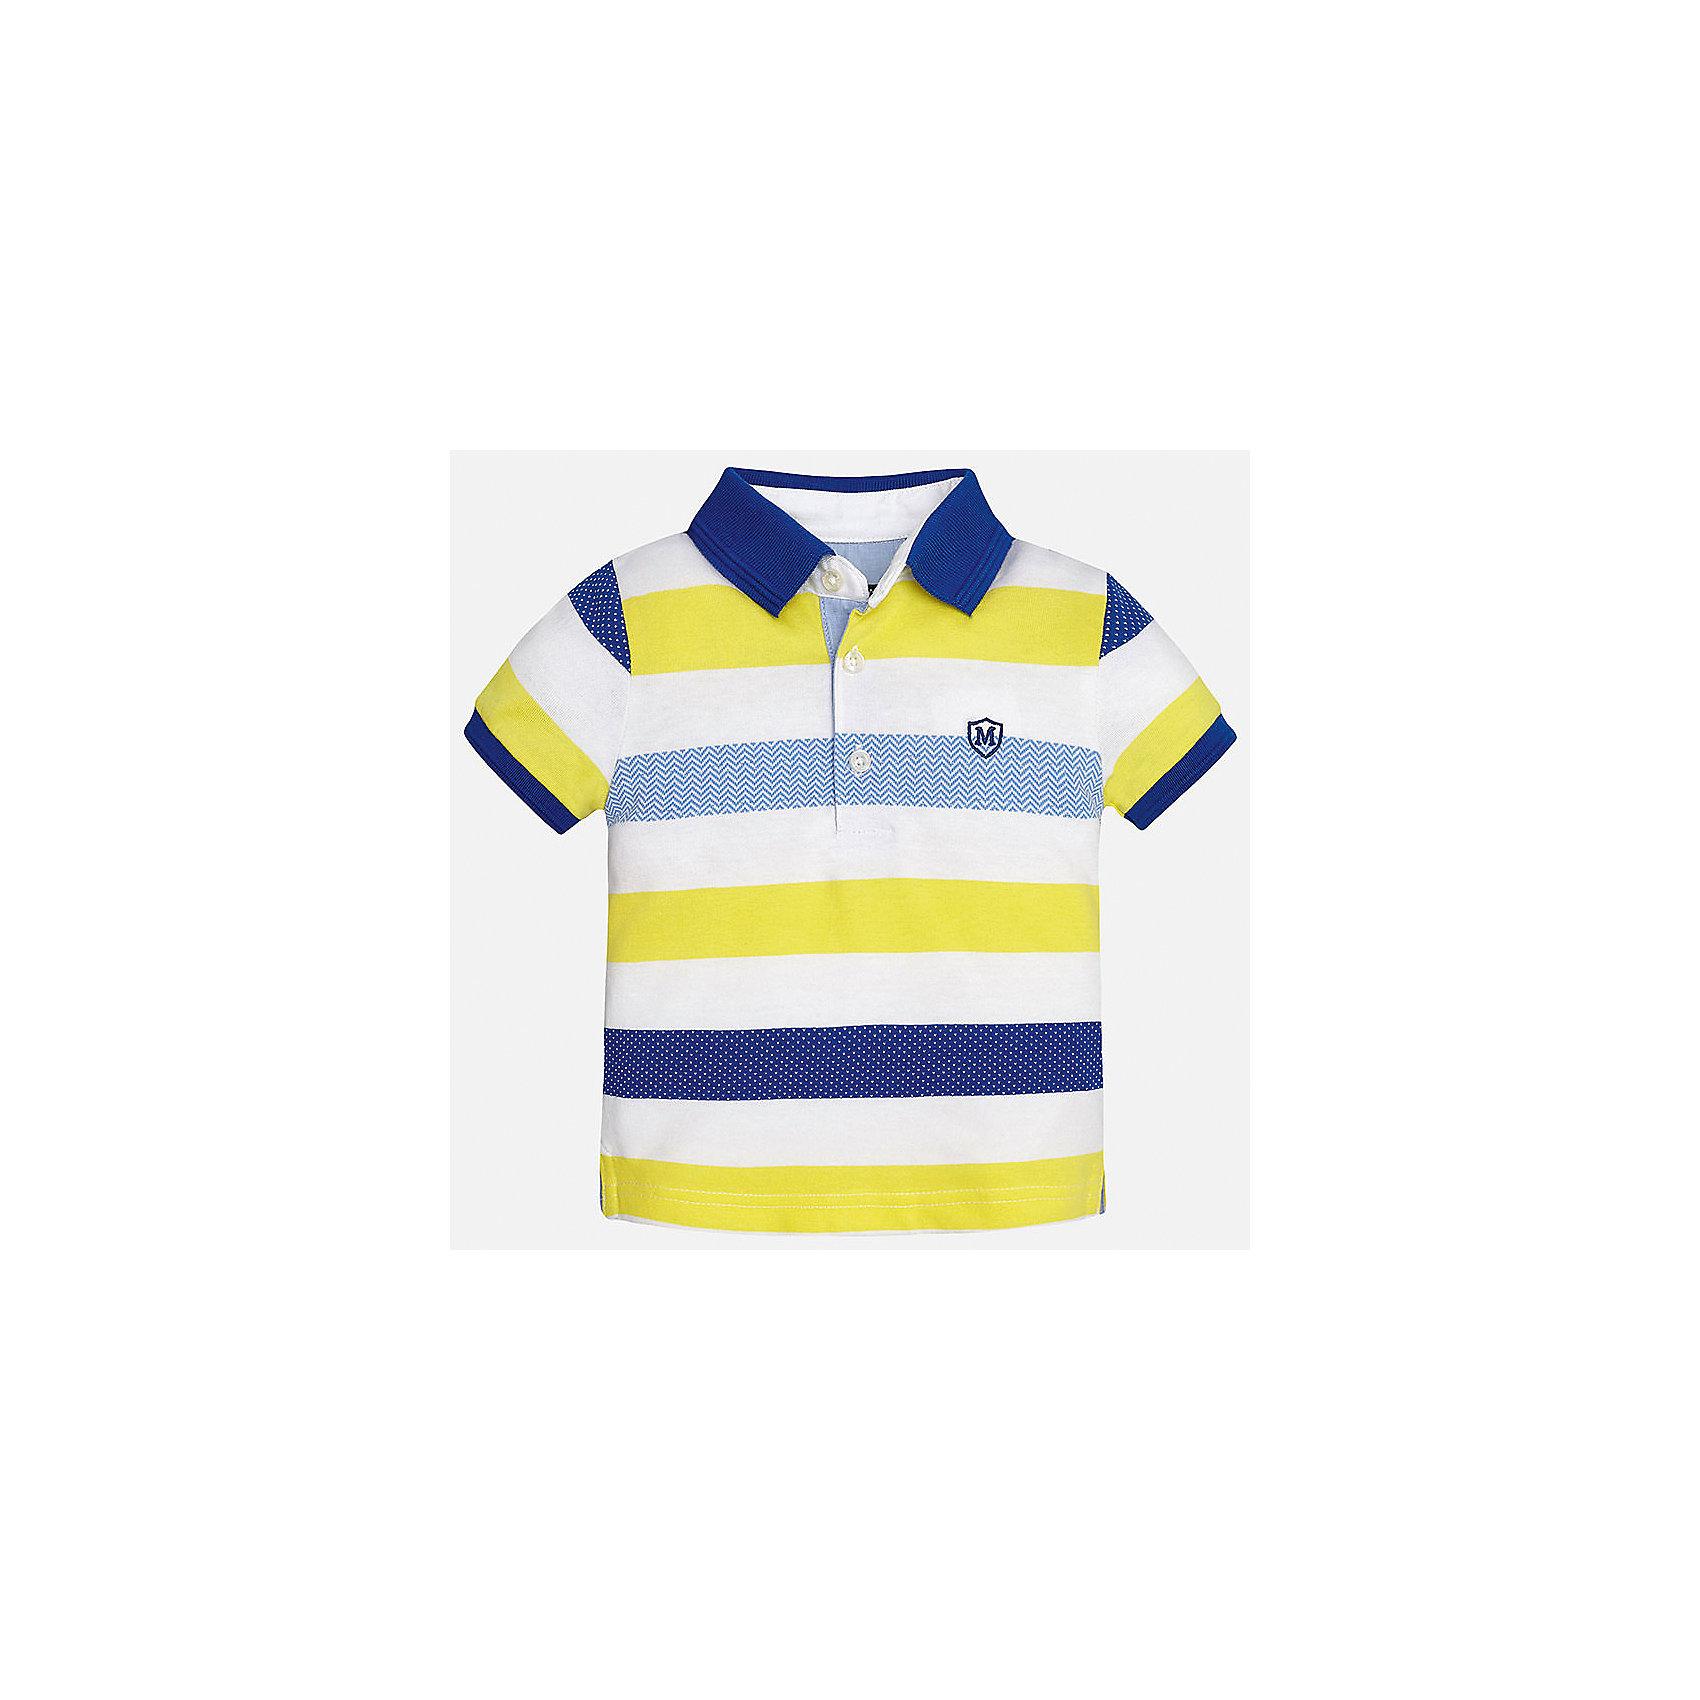 Футболка-поло для мальчика MayoralФутболки, топы<br>Характеристики товара:<br><br>• цвет: белый/желтый/синий<br>• состав: 100% хлопок<br>• отложной воротник<br>• короткие рукава<br>• застежка: пуговицы<br>• декорирована вышивкой<br>• страна бренда: Испания<br><br>Модная футболка-поло для мальчика может стать базовой вещью в гардеробе ребенка. Она отлично сочетается с брюками, шортами, джинсами и т.д. Универсальный крой и цвет позволяет подобрать к вещи низ разных расцветок. Практичное и стильное изделие! В составе материала - только натуральный хлопок, гипоаллергенный, приятный на ощупь, дышащий.<br><br>Одежда, обувь и аксессуары от испанского бренда Mayoral полюбились детям и взрослым по всему миру. Модели этой марки - стильные и удобные. Для их производства используются только безопасные, качественные материалы и фурнитура. Порадуйте ребенка модными и красивыми вещами от Mayoral! <br><br>Футболку-поло для мальчика от испанского бренда Mayoral (Майорал) можно купить в нашем интернет-магазине.<br><br>Ширина мм: 230<br>Глубина мм: 40<br>Высота мм: 220<br>Вес г: 250<br>Цвет: желтый<br>Возраст от месяцев: 12<br>Возраст до месяцев: 15<br>Пол: Мужской<br>Возраст: Детский<br>Размер: 80,92,86<br>SKU: 5279418